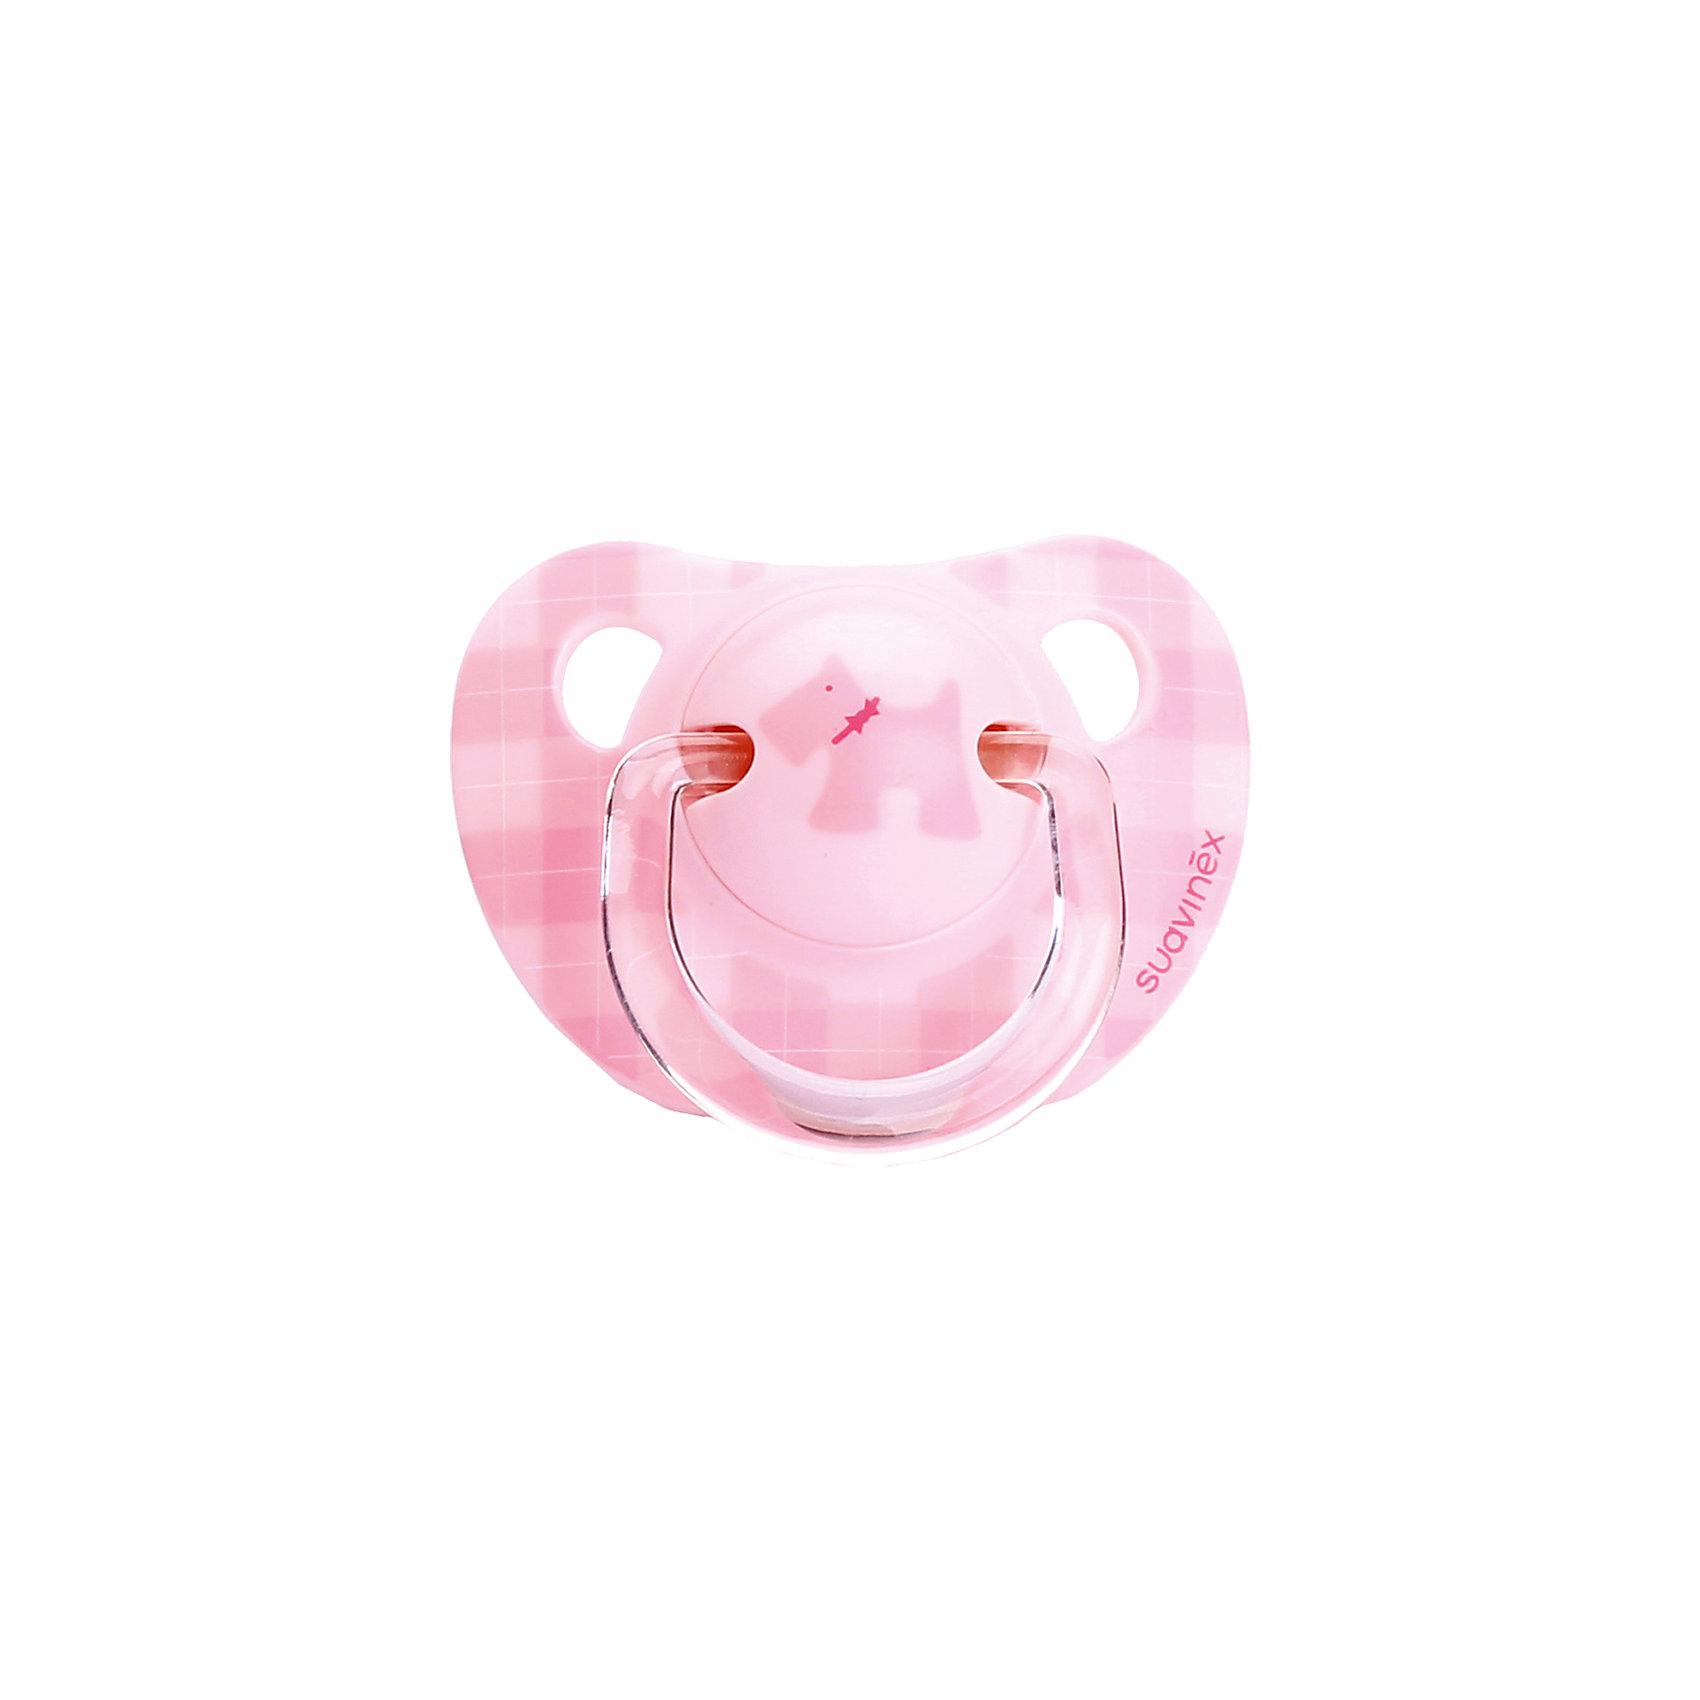 Пустышка силиконовая SCOTTISH, 0-6 мес., Suavinex, розовыйПустышки и аксессуары<br>Характеристики:<br><br>• Наименование: пустышка<br>• Рекомендуемый возраст: от 0 до 6 месяцев<br>• Пол: для девочки<br>• Материал: силикон, пластик<br>• Цвет: оттенки розового<br>• Рисунок: собака<br>• Форма: анатомическая<br>• Наличие вентиляционных отверстий <br>• Кольцо для держателя<br>• Вес: 30 г<br>• Параметры (Д*Ш*В): 5,4*6,5*10,9 см <br>• Особенности ухода: можно мыть в теплой воде, регулярная стерилизация <br><br>Пустышка SCOTTISH от 0 до 6 мес., Suavinex, розовый/розовая собачка изготовлена испанским торговым брендом, специализирующимся на выпуске товаров для кормления и аксессуаров новорожденным и младенцам. Продукция от Suavinex разработана с учетом рекомендаций педиатров и стоматологов, что гарантирует качество и безопасность использованных материалов. <br><br>Пластик, из которого изготовлено изделие, устойчив к появлению царапин и сколов, благодаря чему пустышка длительное время сохраняет свои гигиенические свойства. Форма у соски способствует равномерному распределению давления на небо, что обеспечивает правильное формирование речевого аппарата. <br><br>Пустышка имеет классическую форму, для прикрепления держателя предусмотрено кольцо. Изделие выполнено в брендовом дизайне, с изображением собачки. Рисунок с эффектом позолоты нанесен по инновационной технологии, которая обеспечивает стойкость рисунка даже при длительном использовании и частой стерилизации.<br><br>Пустышку SCOTTISH от 0 до 6 мес., Suavinex, розовый/розовая собачка можно купить в нашем интернет-магазине.<br><br>Ширина мм: 54<br>Глубина мм: 65<br>Высота мм: 109<br>Вес г: 30<br>Возраст от месяцев: 0<br>Возраст до месяцев: 6<br>Пол: Женский<br>Возраст: Детский<br>SKU: 5451302